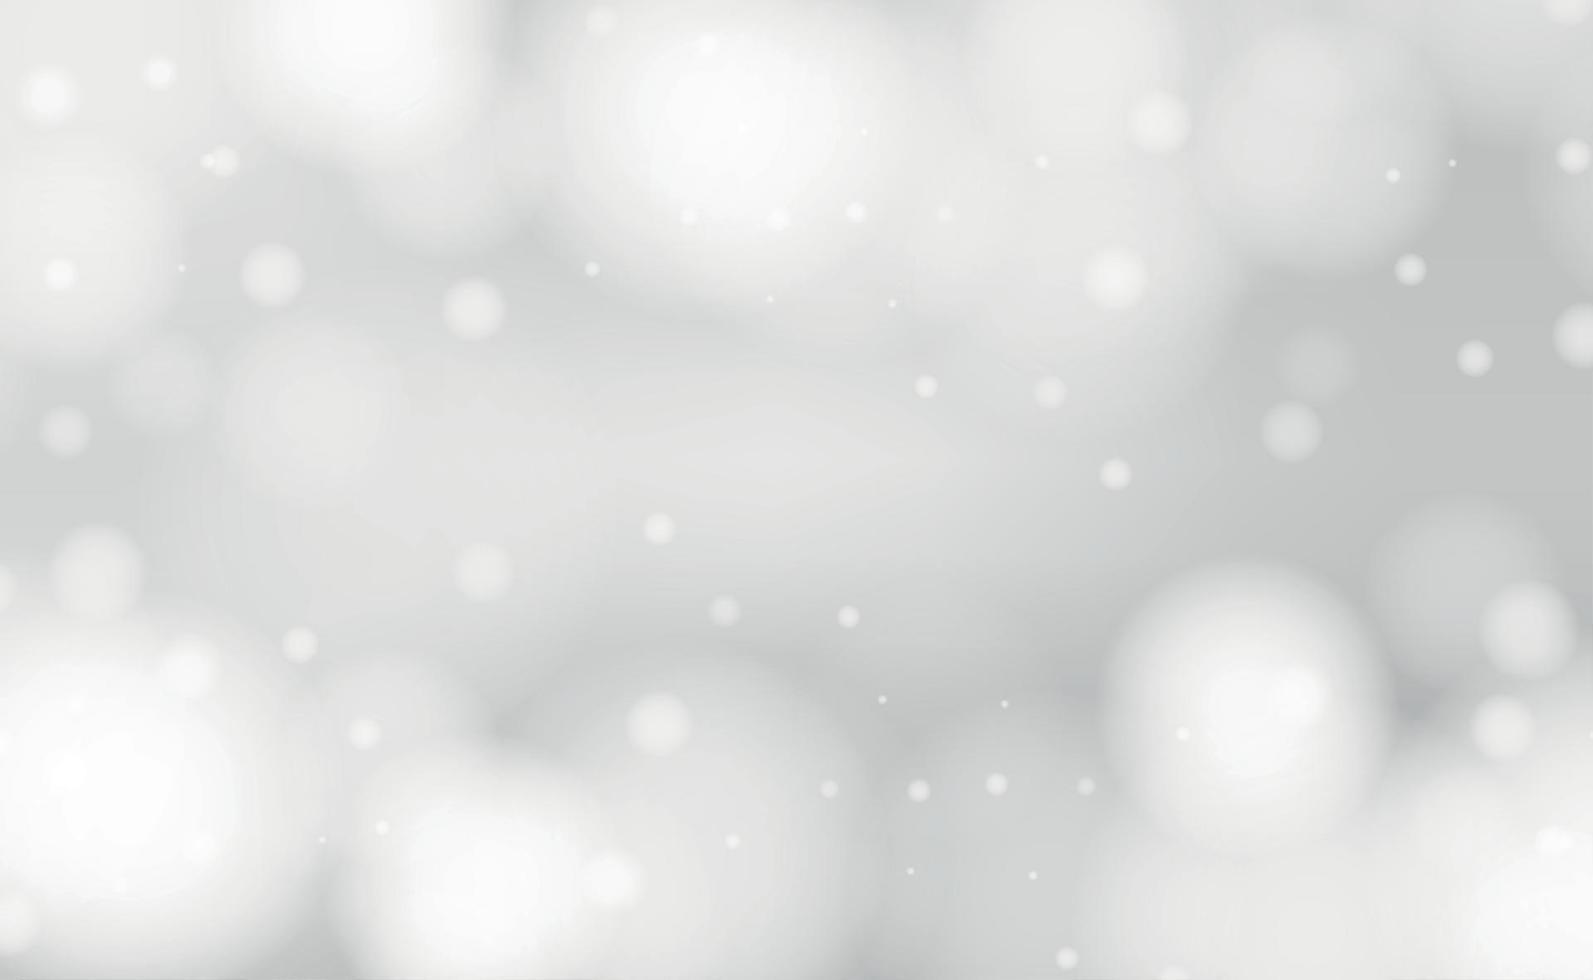 fond flou abstrait blanc avec effet bokeh vecteur